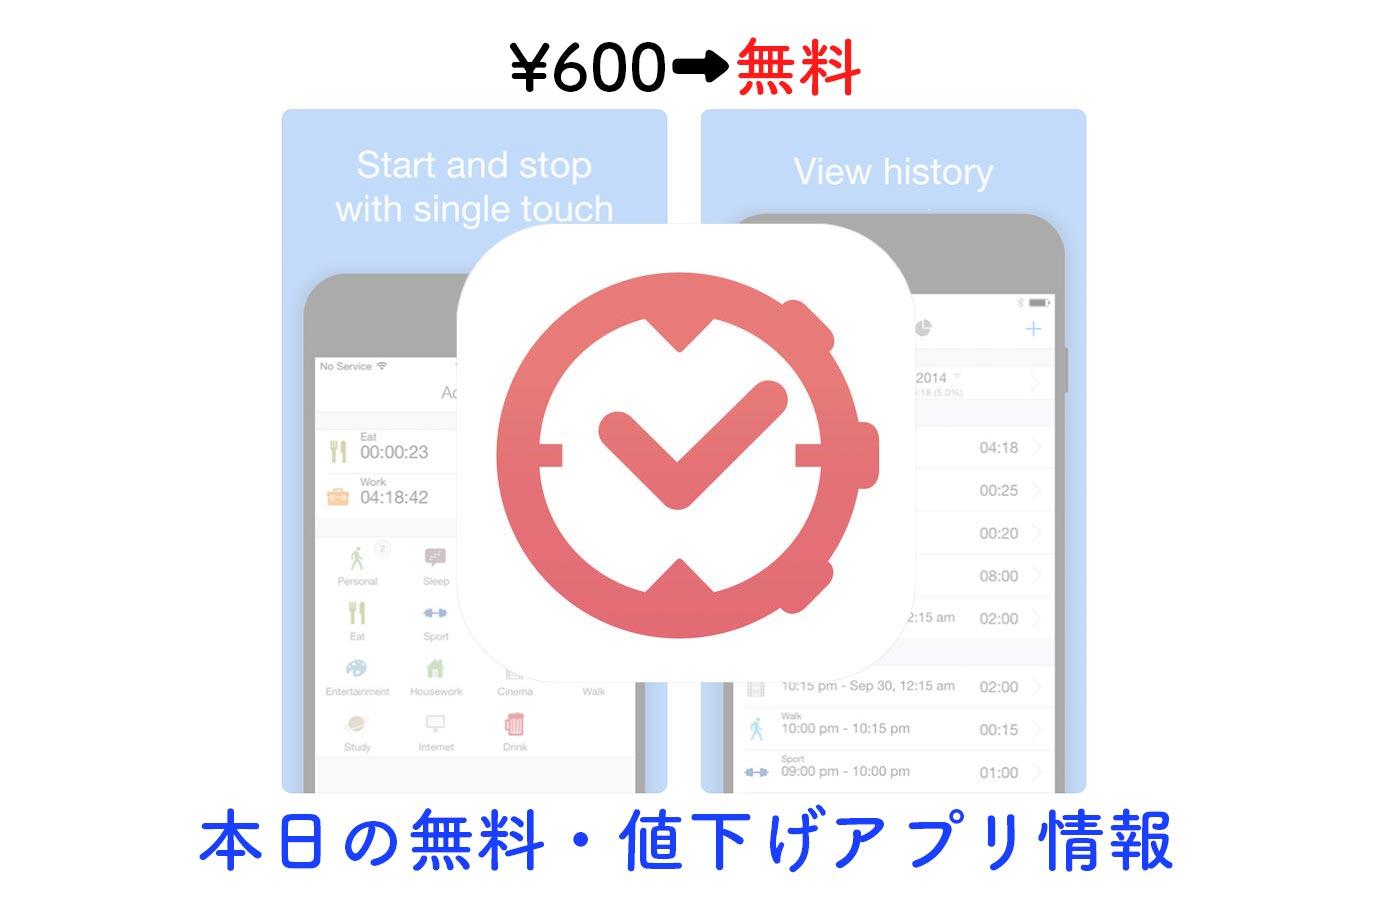 ¥600→無料、自分の毎日の行動を記録できるアプリ「aTimeLogger 2」など【2/16】本日の無料・値下げアプリ情報